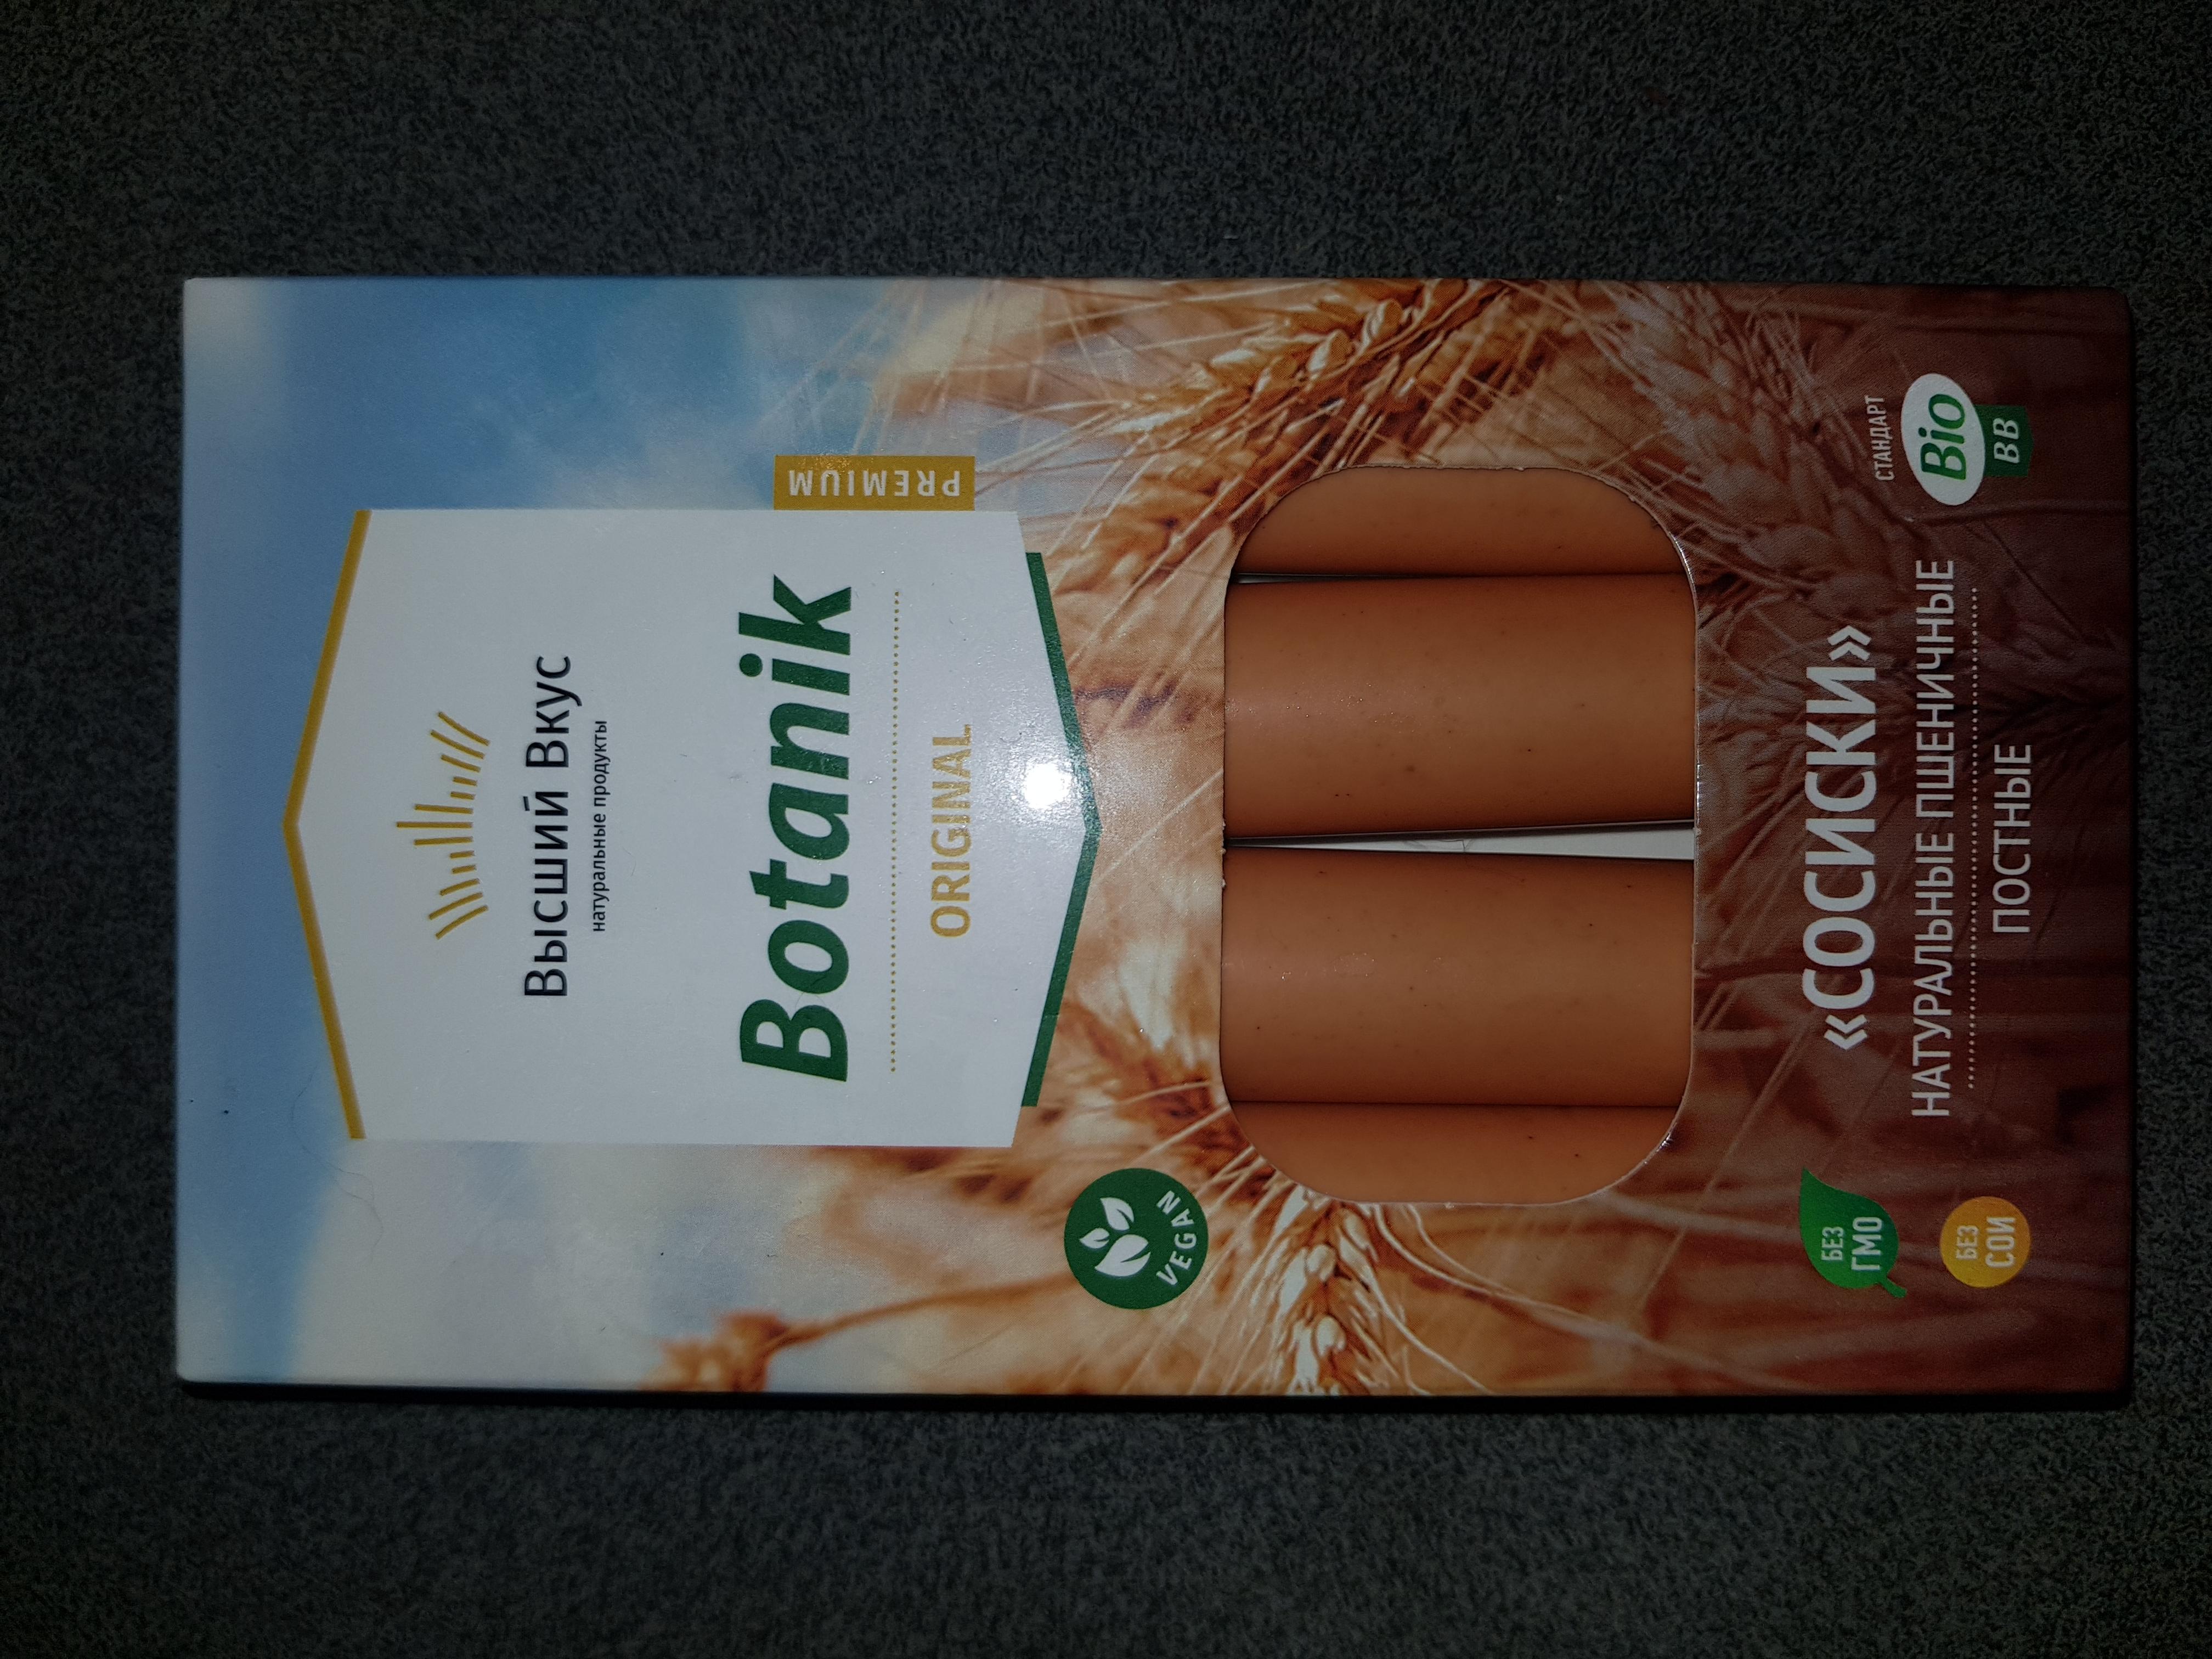 Высший вкус, сосиски botanik original натуральные пшеничные постные